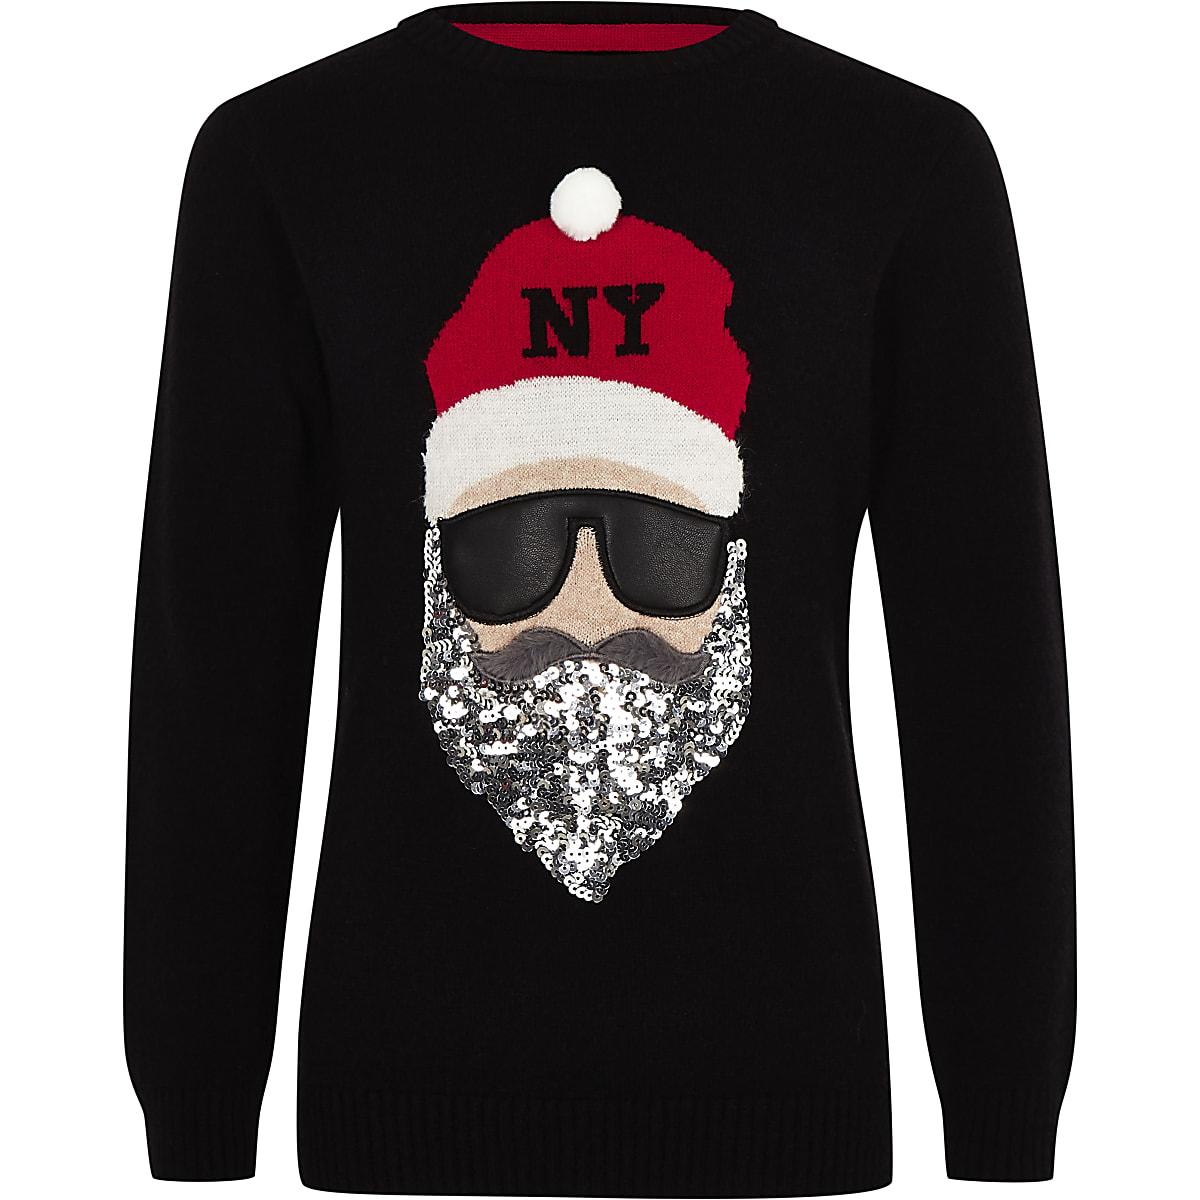 Zwarte Kersttrui.Zwarte Kersttrui Met Santa Claus Voor Kinderen Vesten Pullovers